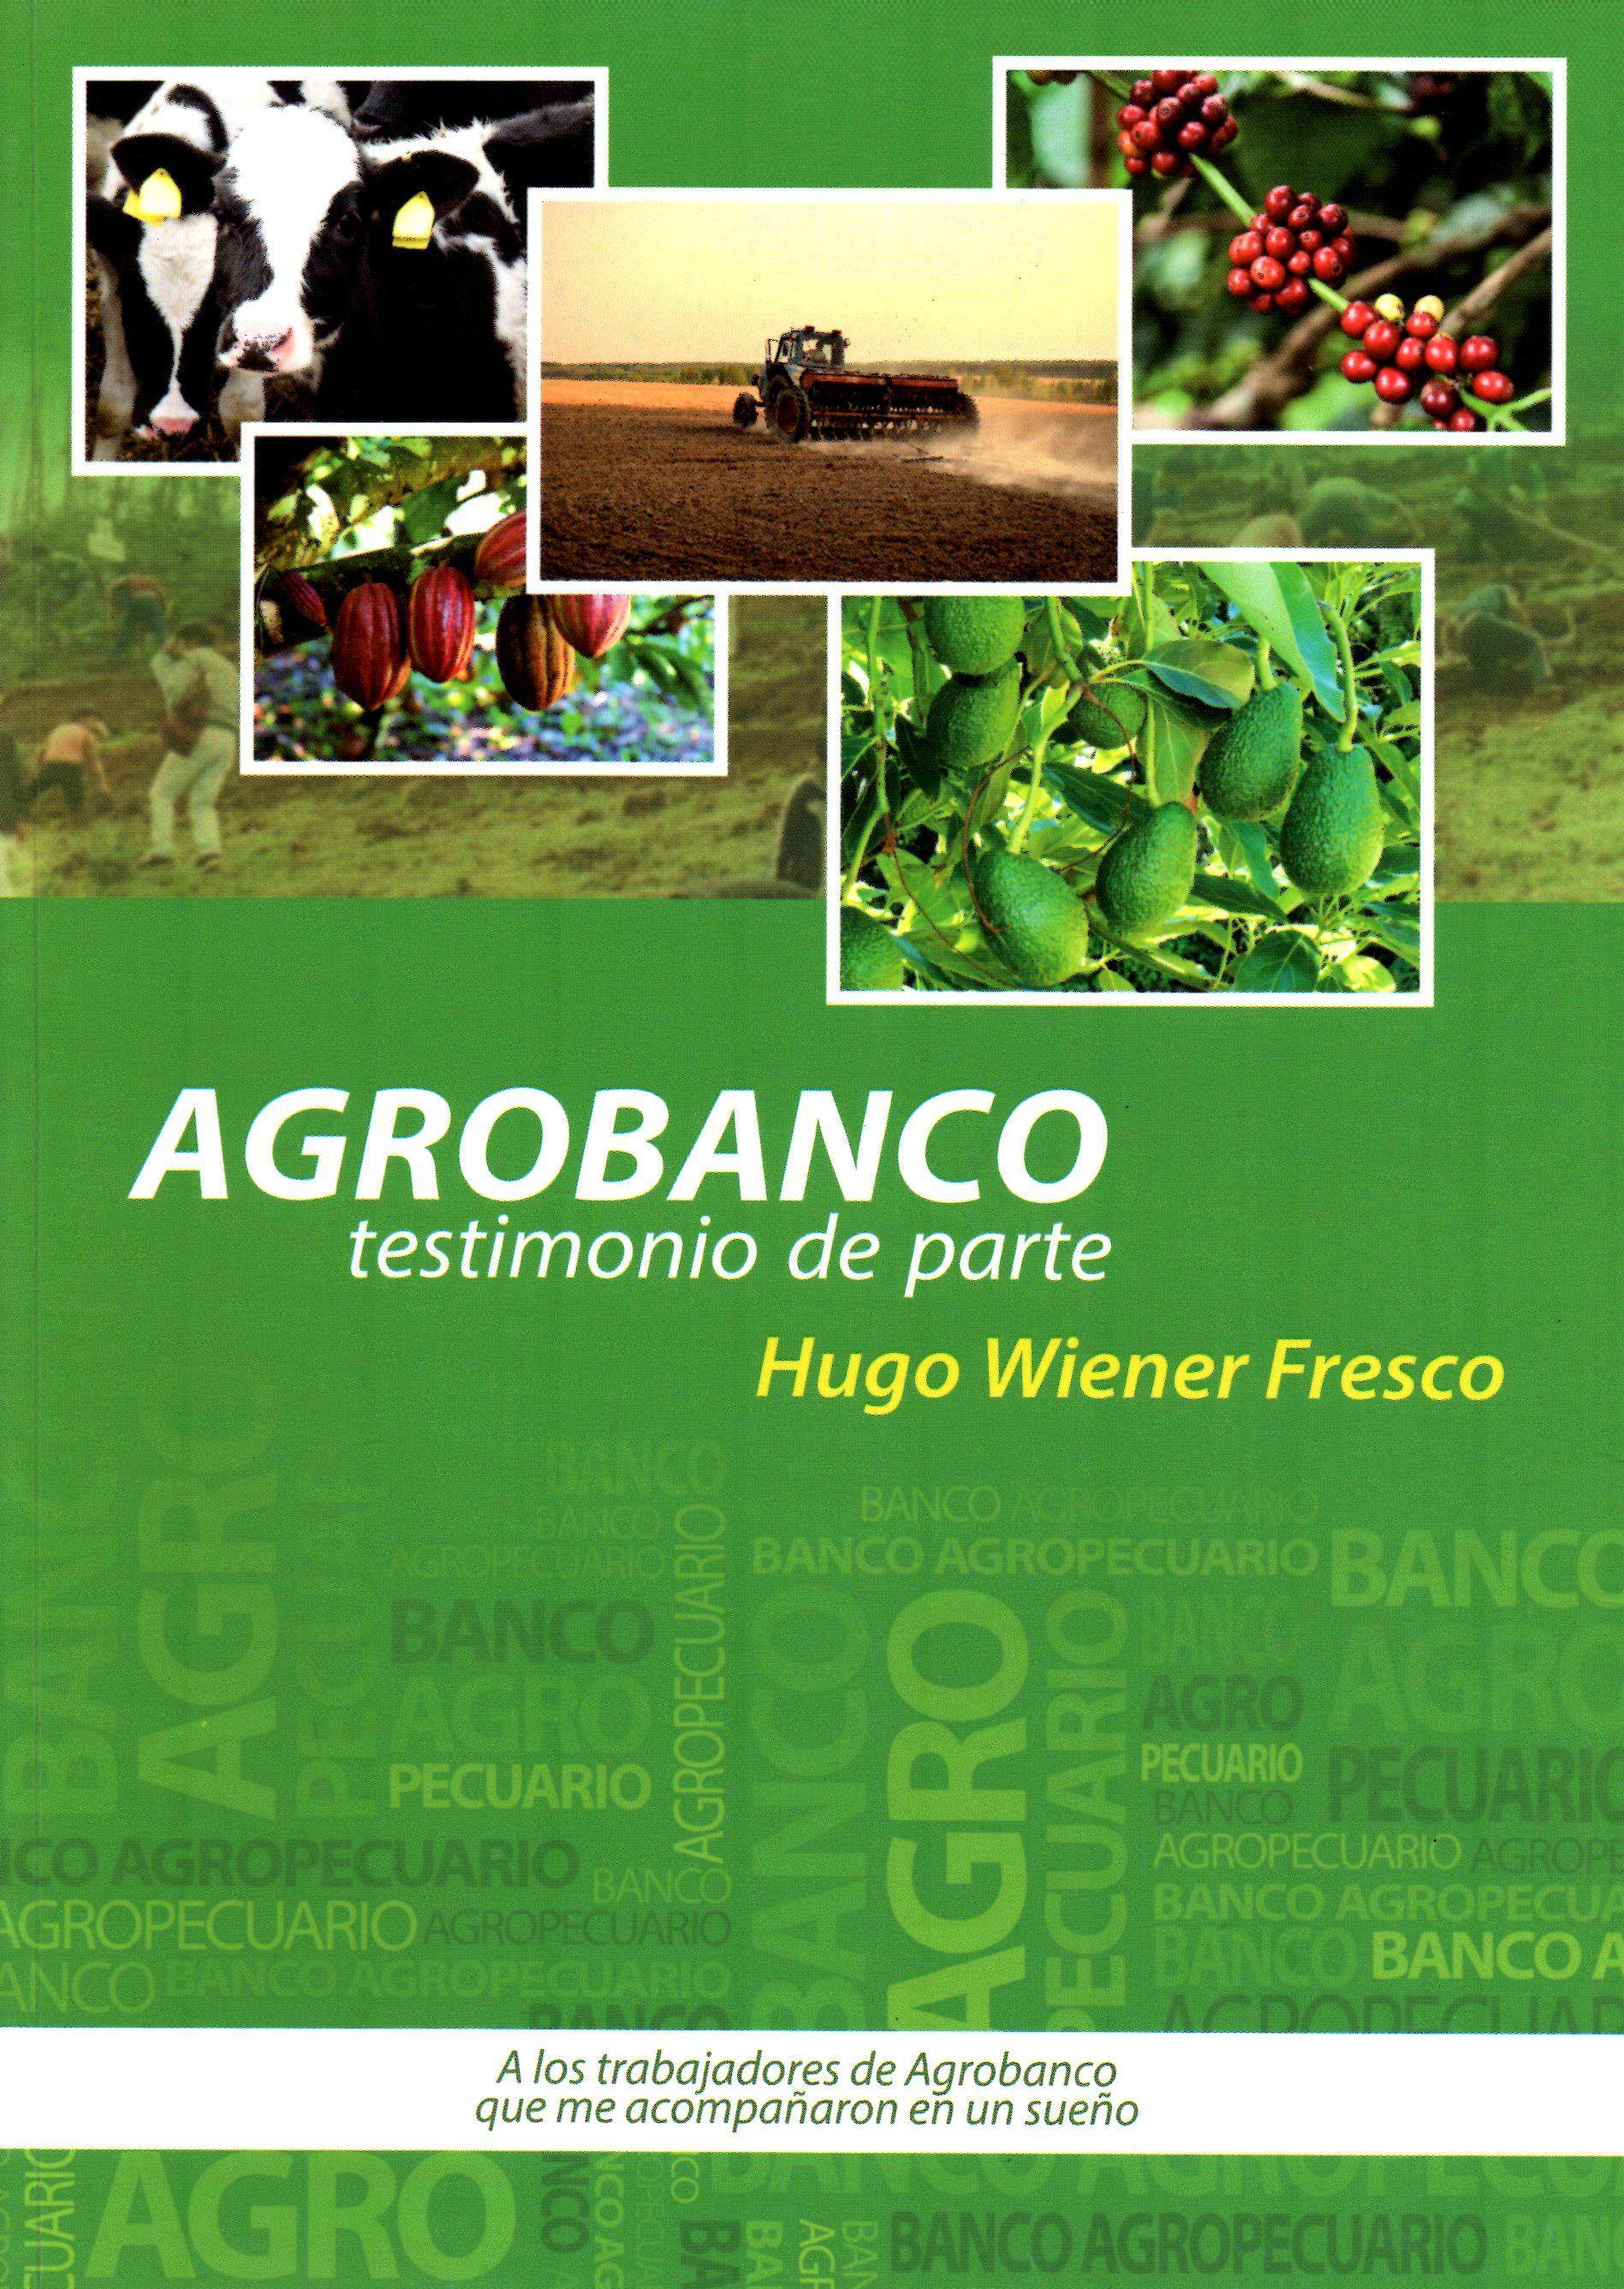 Agrobanco Testimonio De Parte Hugo Wiener Fresco Planeamiento Gestion Sac Grupo Agronegocios 2014 Hd 1440 P4 W66 Fresco Testimonio